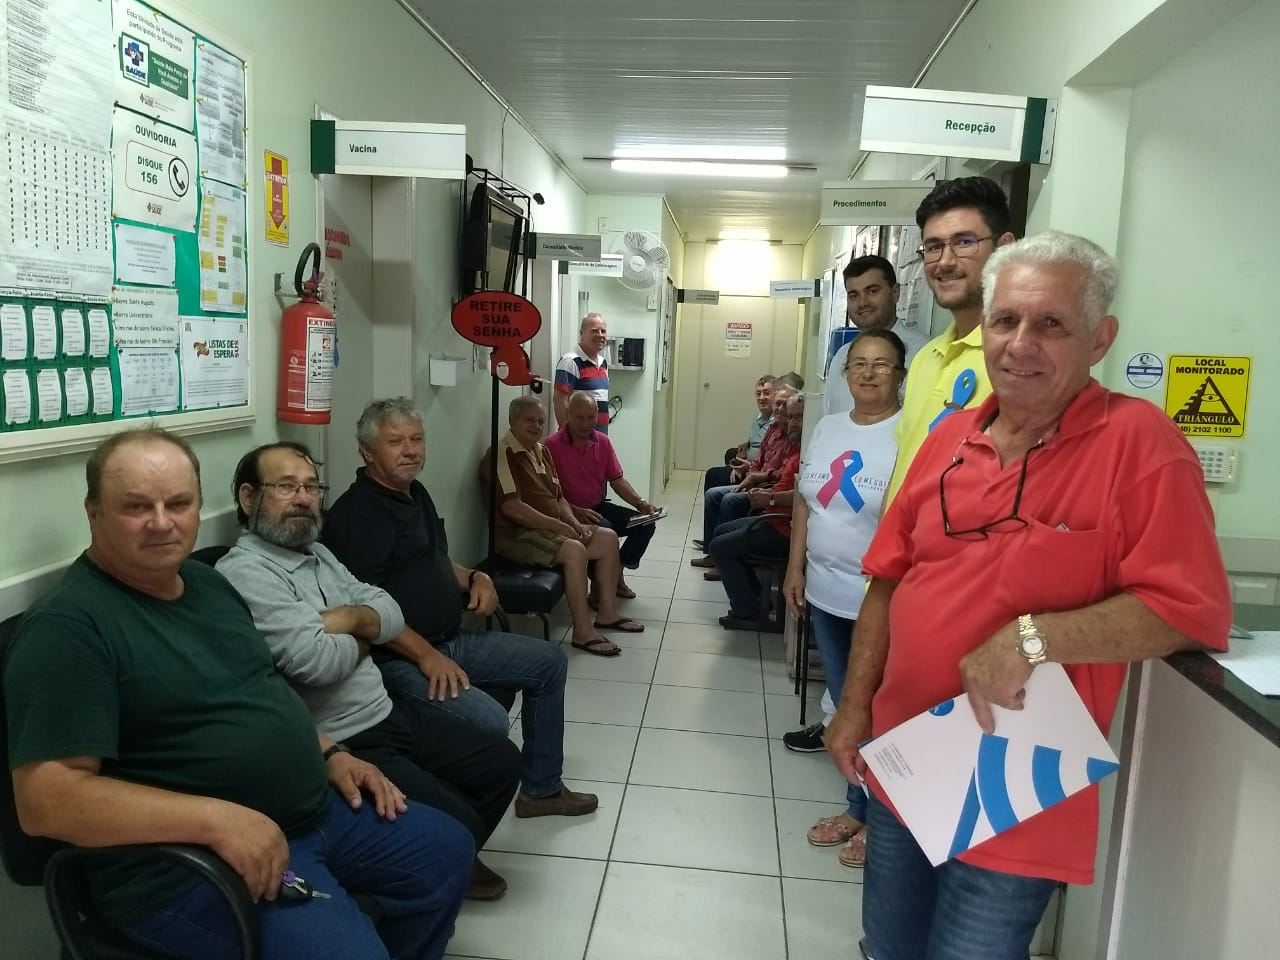 Prefeitura Municipal de Criciúma - Dia 'D' do Novembro Azul atinge bons resultados em Criciúma